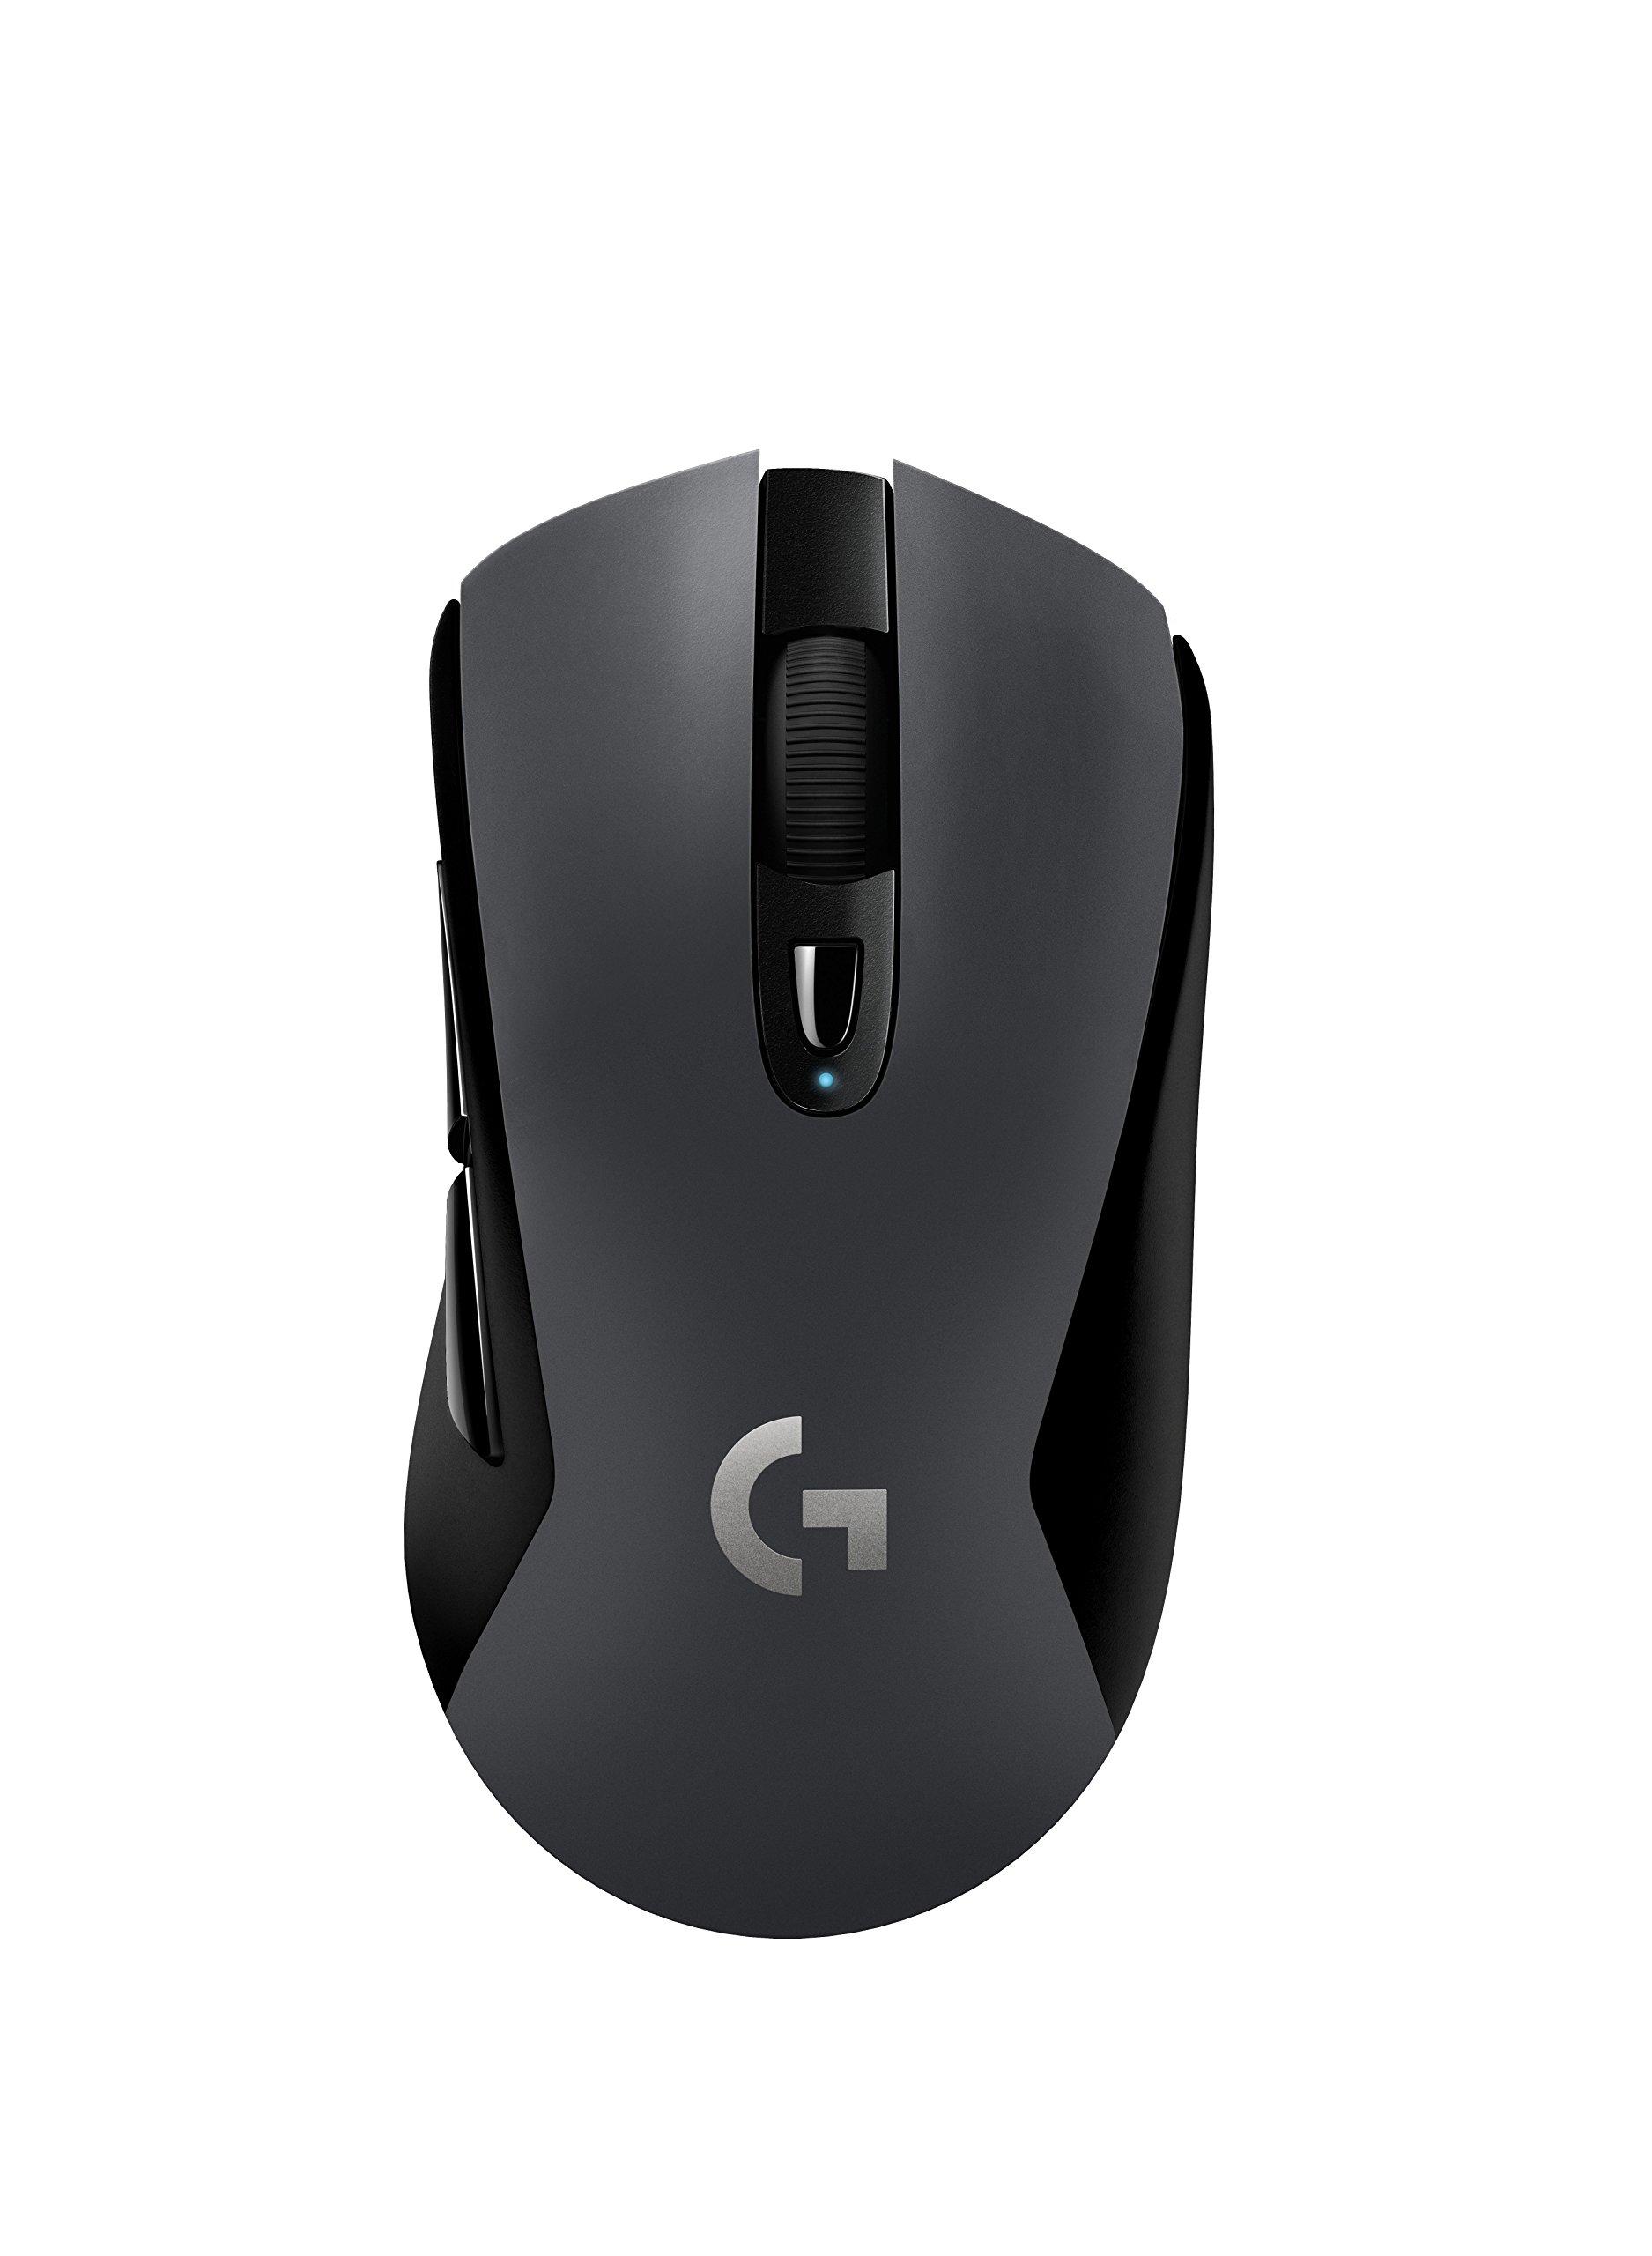 Logitech G603 LIGHTSPEED Wireless Gaming Mouse by Logitech G